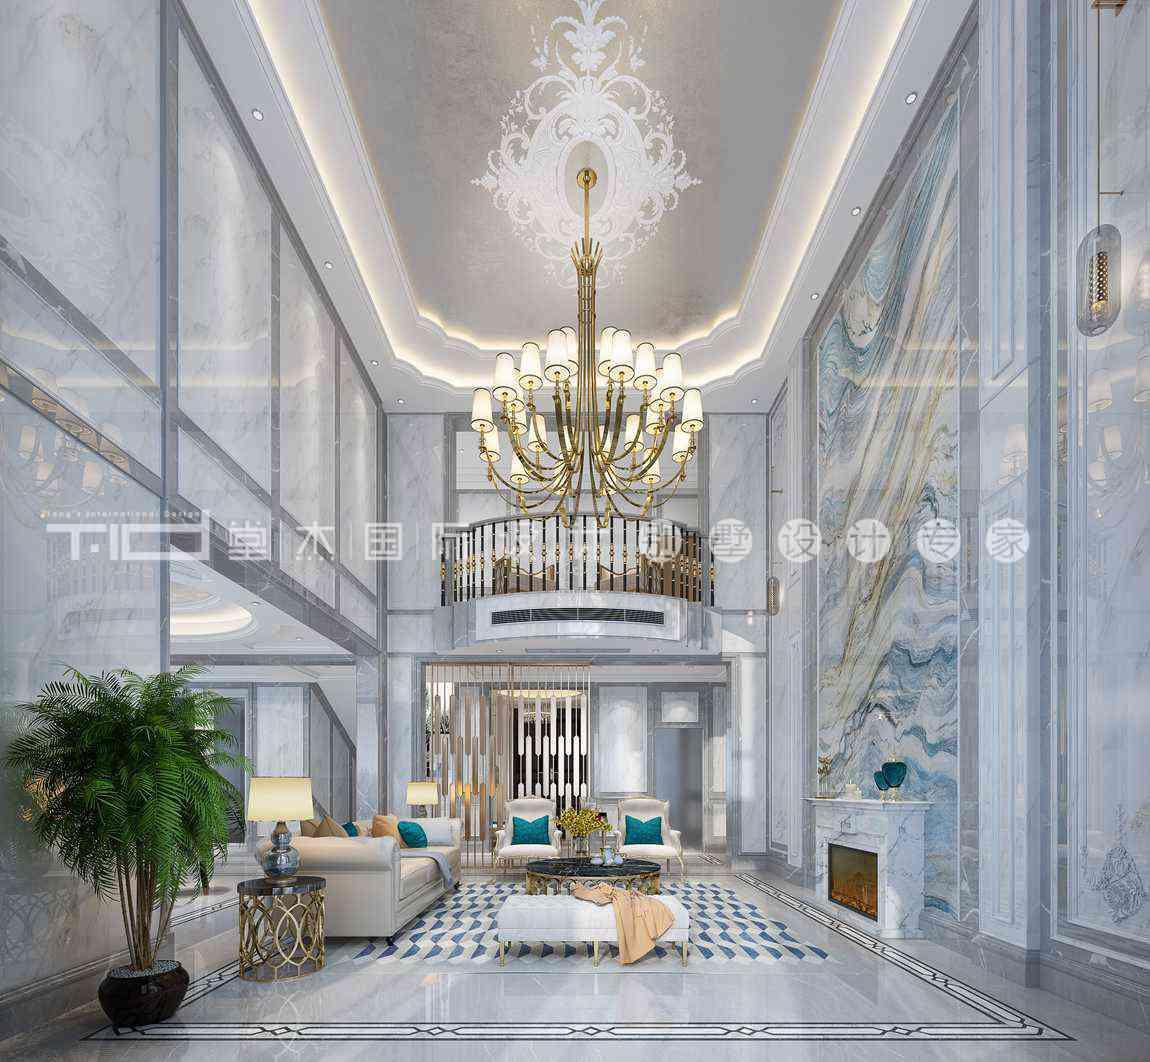 现代轻奢风格-印象剑桥-独栋别墅-500平-装修效果图